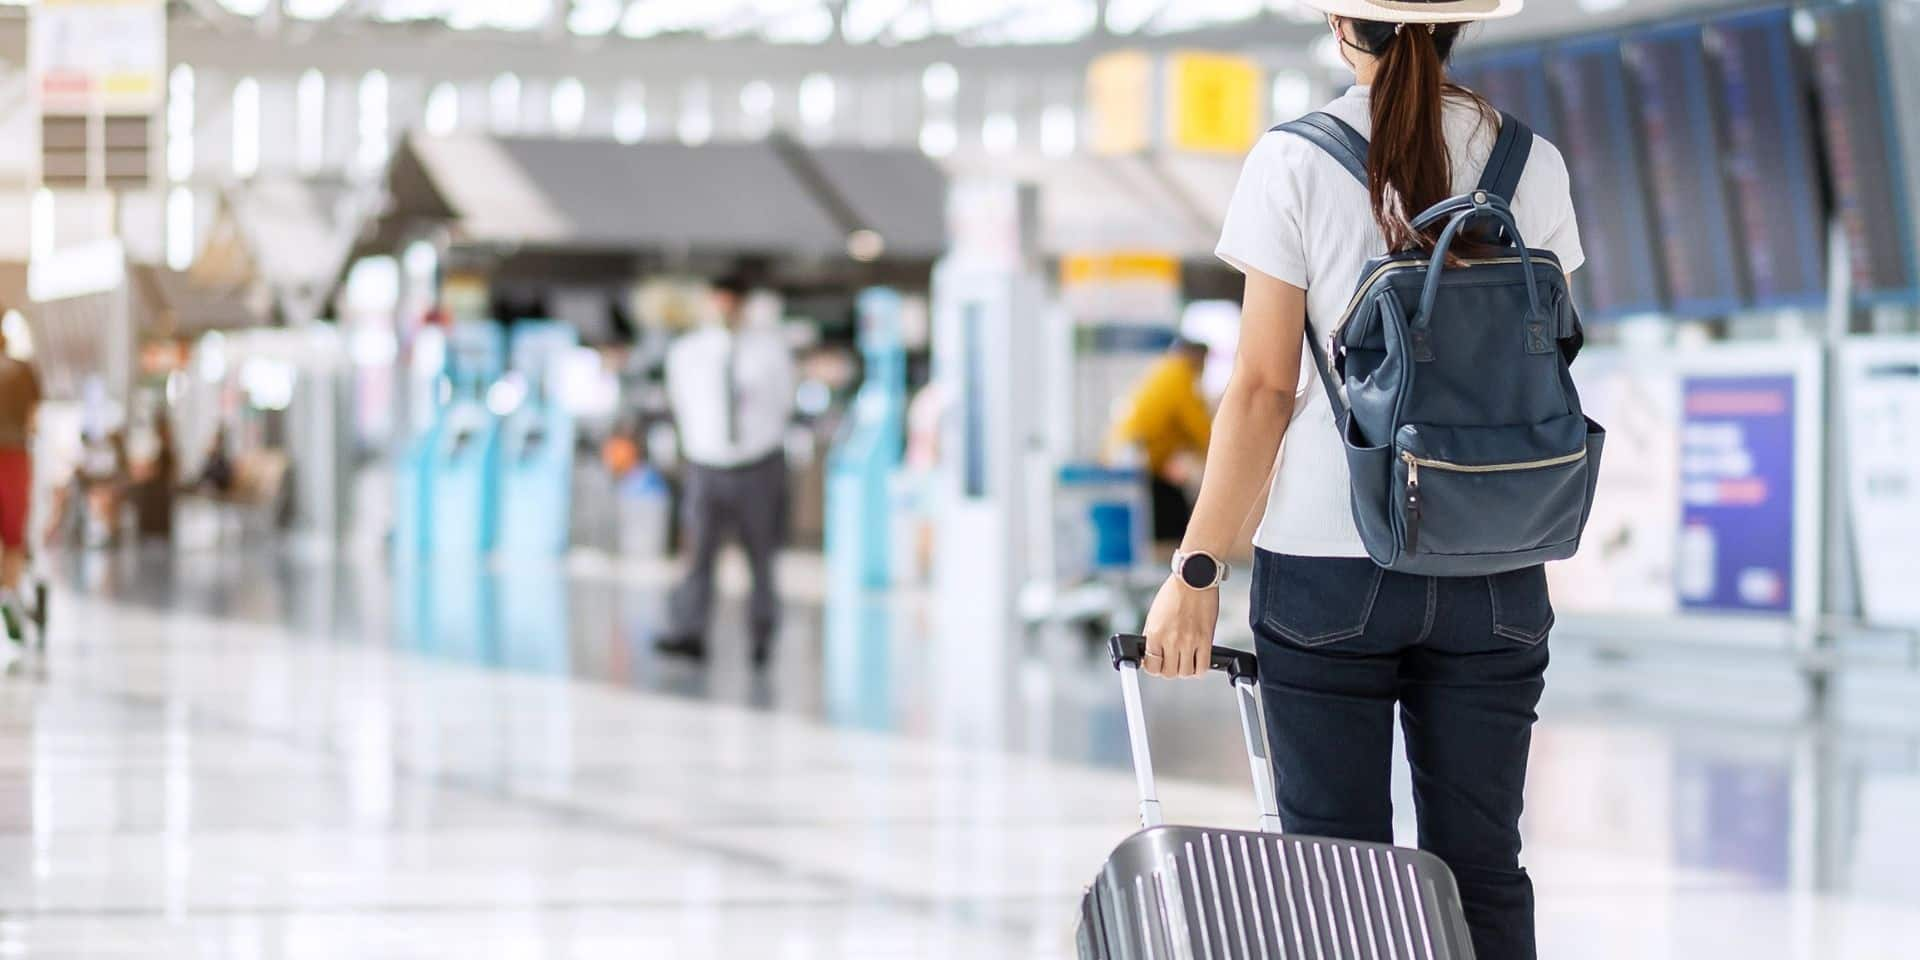 """""""Ce n'est pas la porte ouverte à faire n'importe quoi"""": malgré la levée de l'interdiction, les voyages à l'étranger restent déconseillés"""